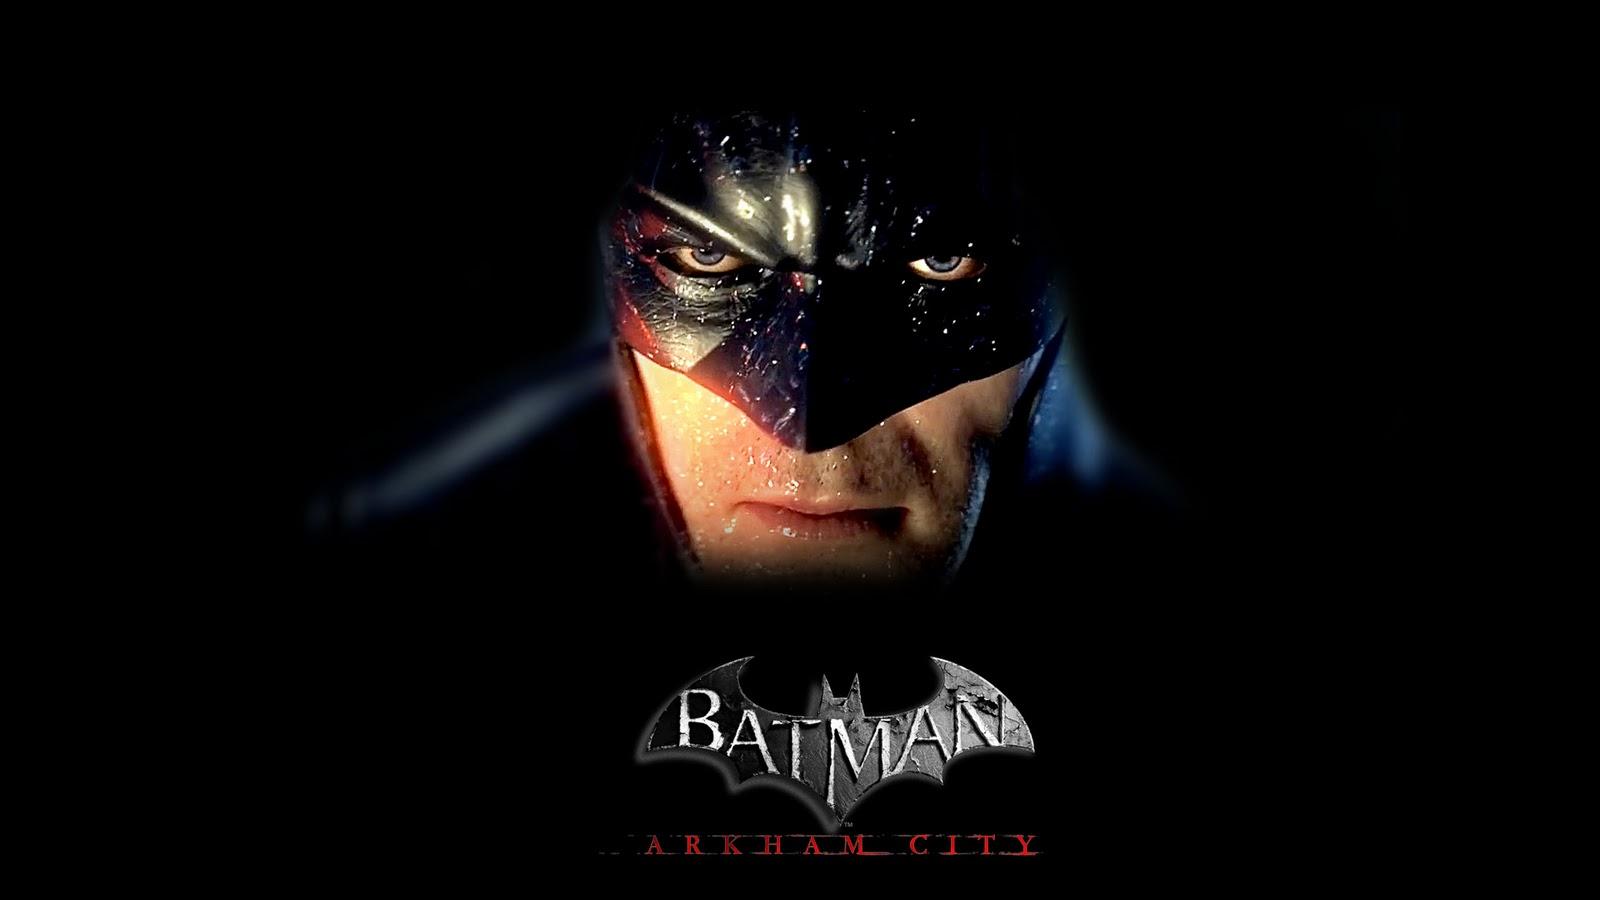 http://2.bp.blogspot.com/-3NTPV0_T28A/TZrZ1QavUCI/AAAAAAAAKSs/682bkTkBiwo/s1600/1080p-batman-arkham-city-wallpaper-hd-5.jpg